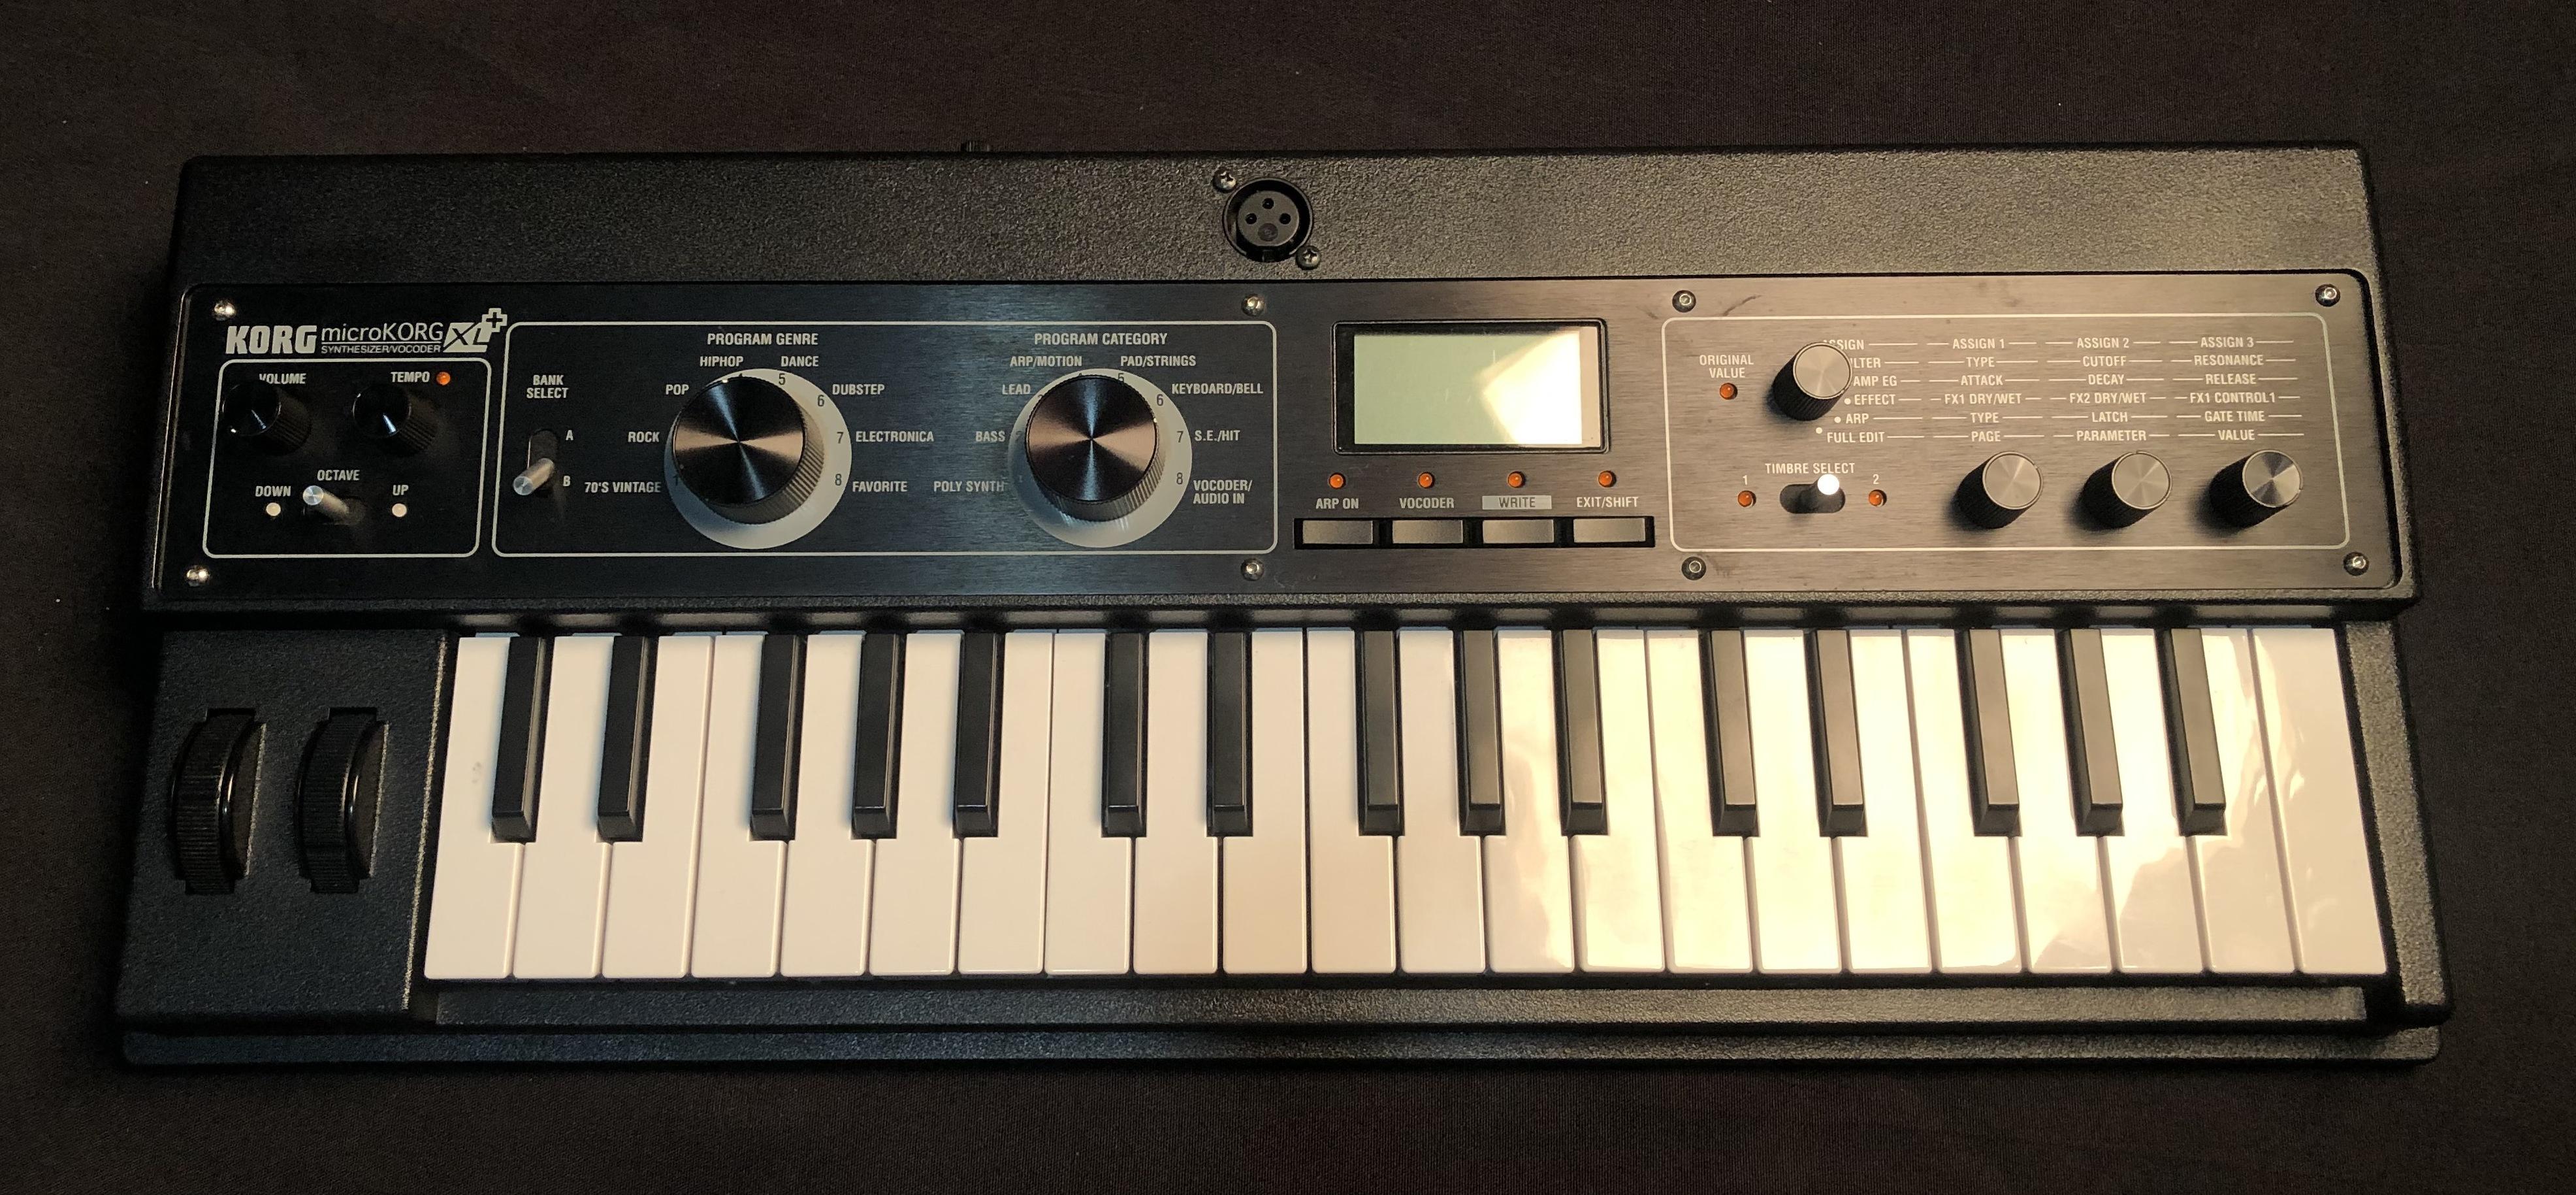 KORG - Microkorg XL Synthesizer/Vocoder